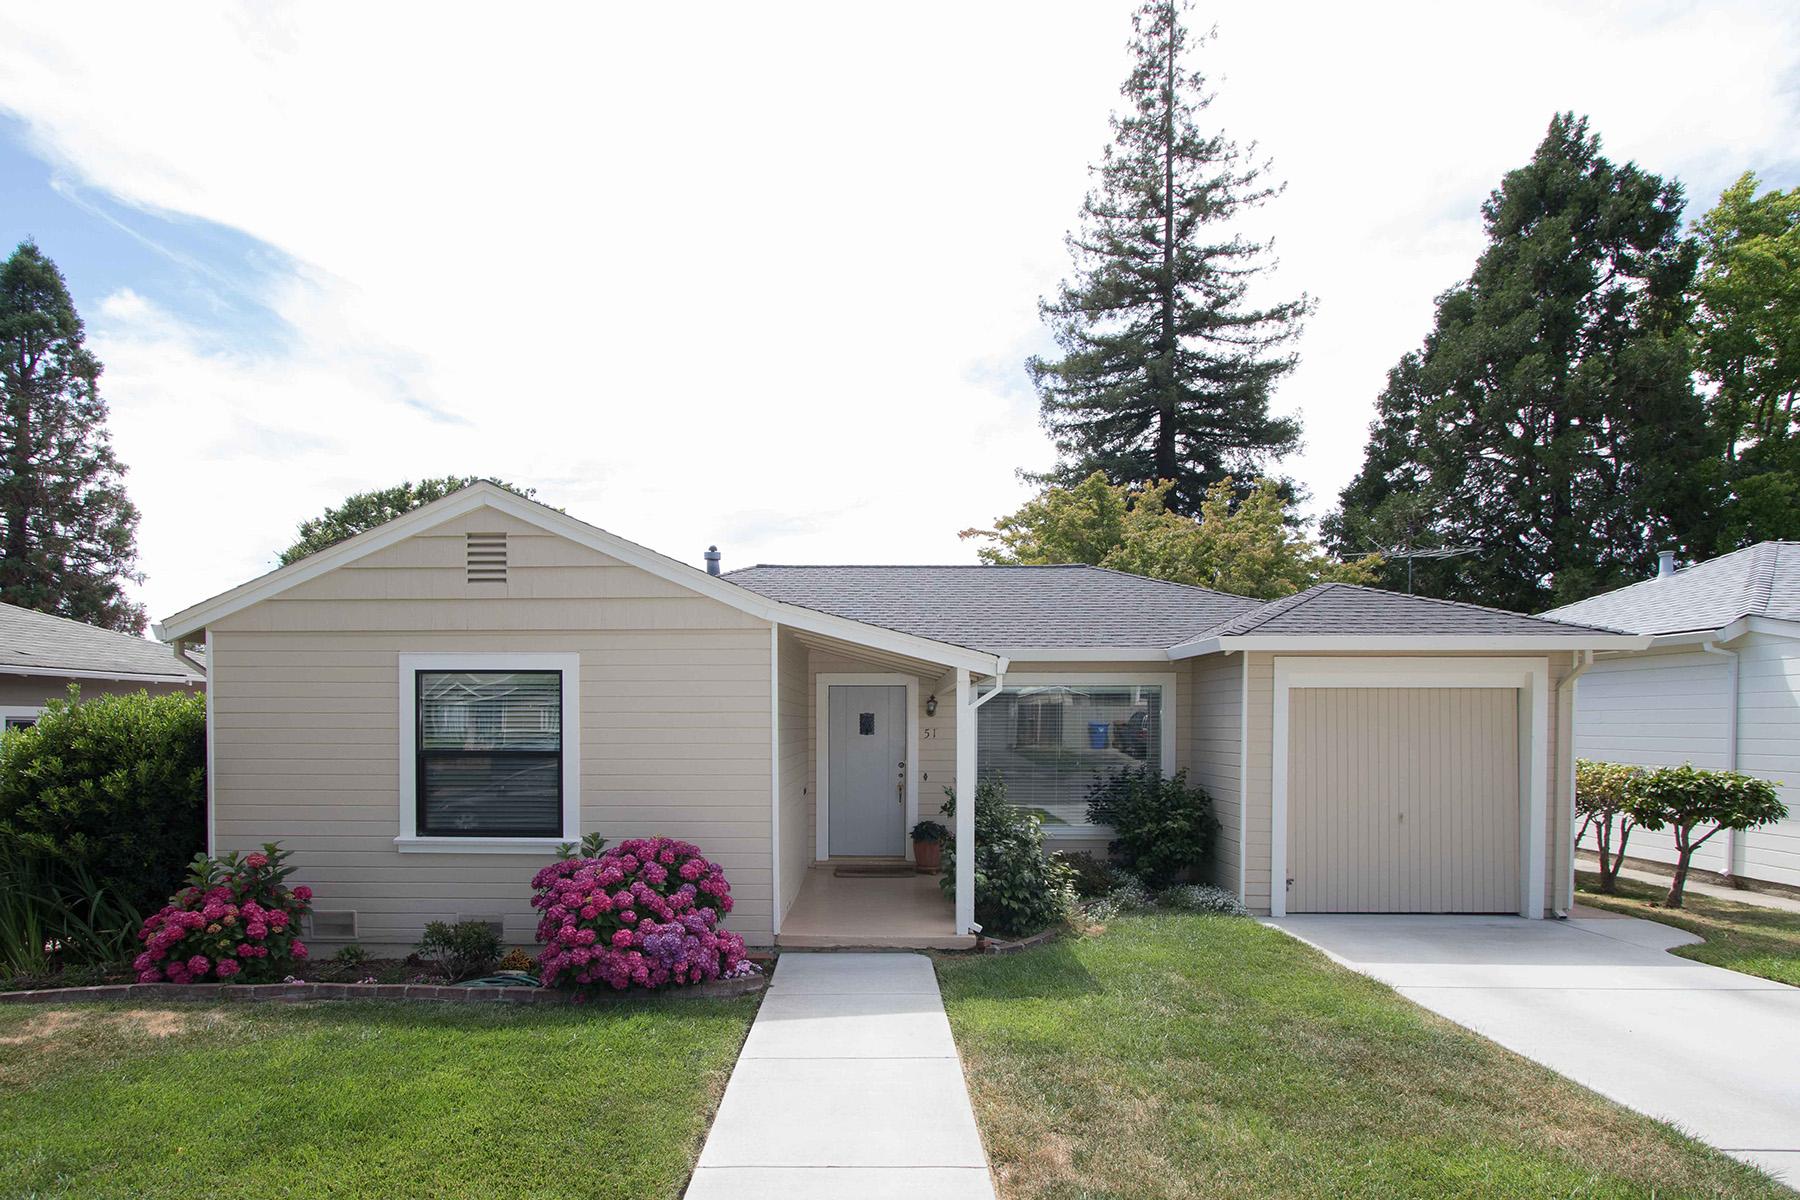 Nhà ở một gia đình vì Bán tại 51 Linnell Ave, Napa, CA 94559 51 Linnell Ave Napa, California, 94559 Hoa Kỳ